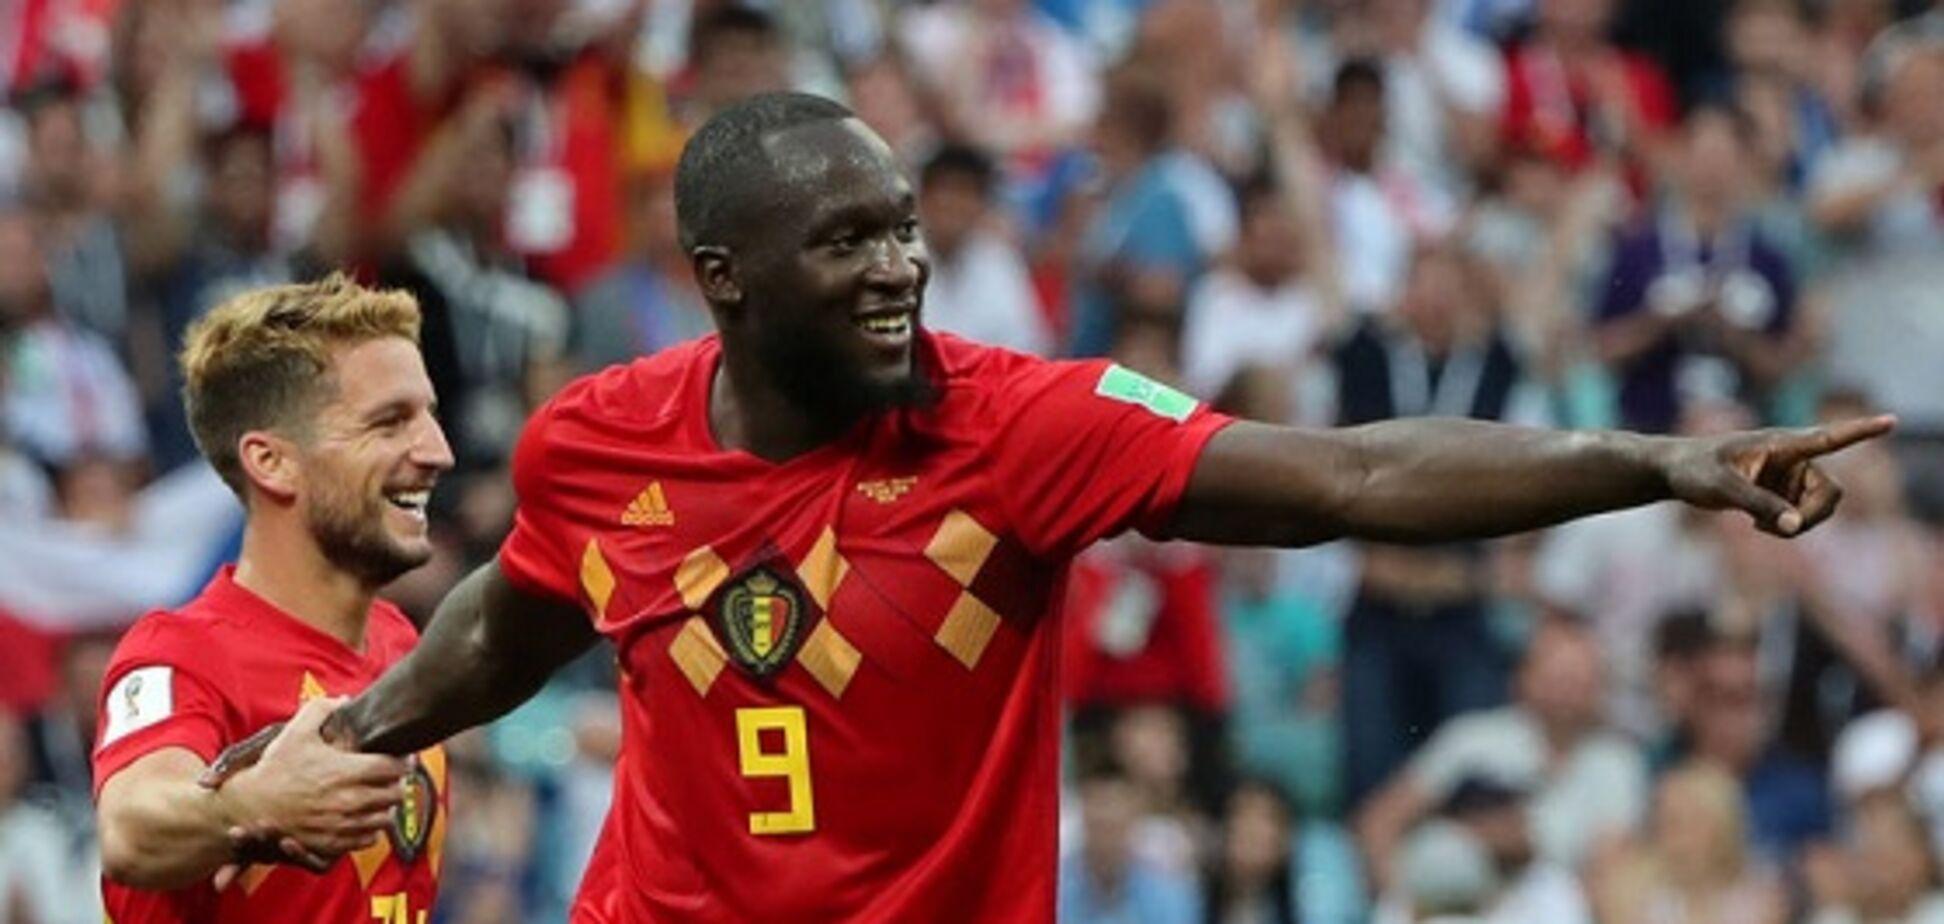 Бельгія - Туніс: де дивитися, прогноз на матч ЧС-2018